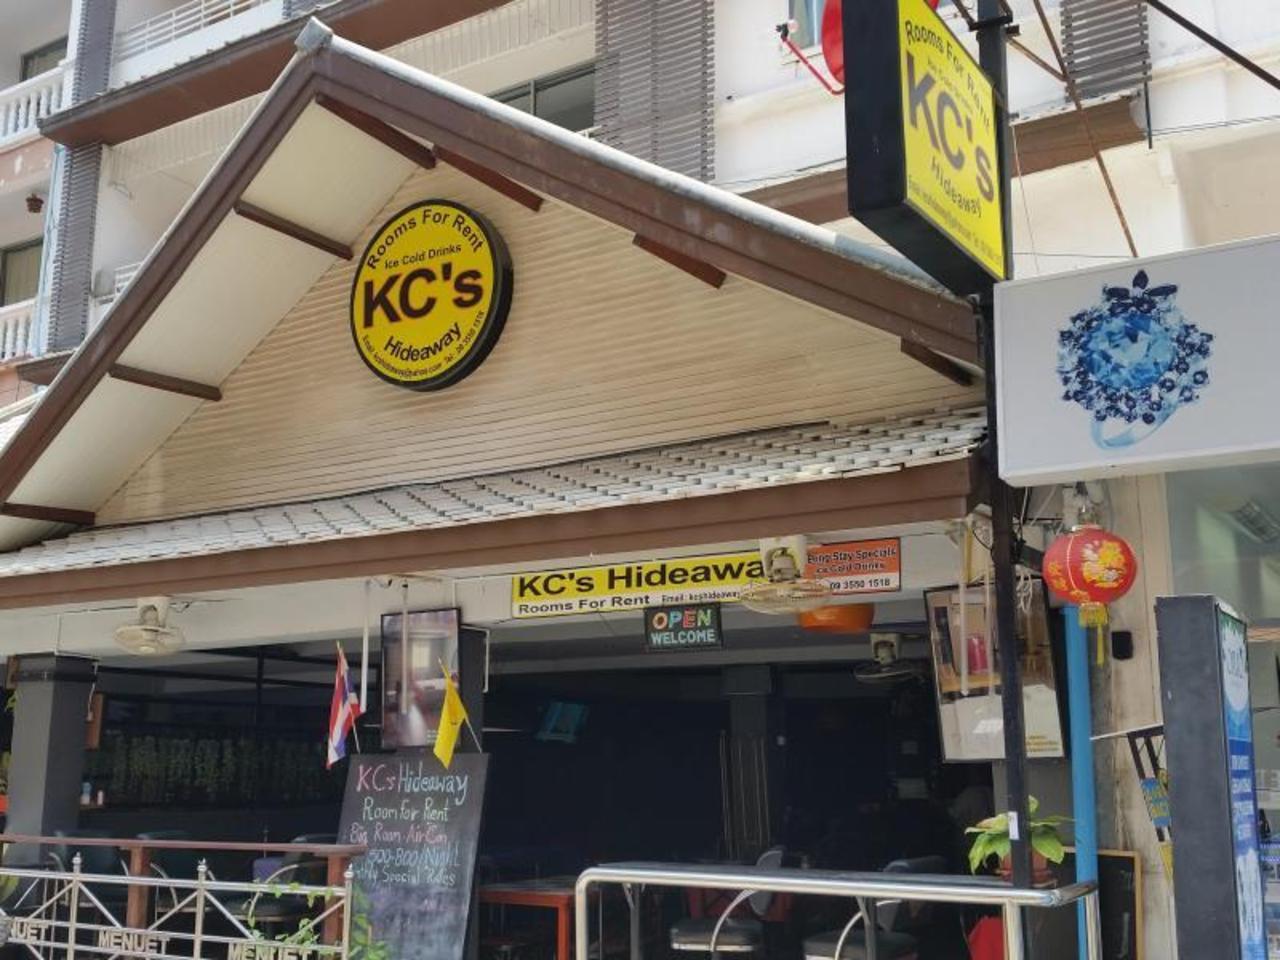 เคซี ไฮดะเวย์ เกสต์เฮาส์ (KCs Hideaway Guest House)